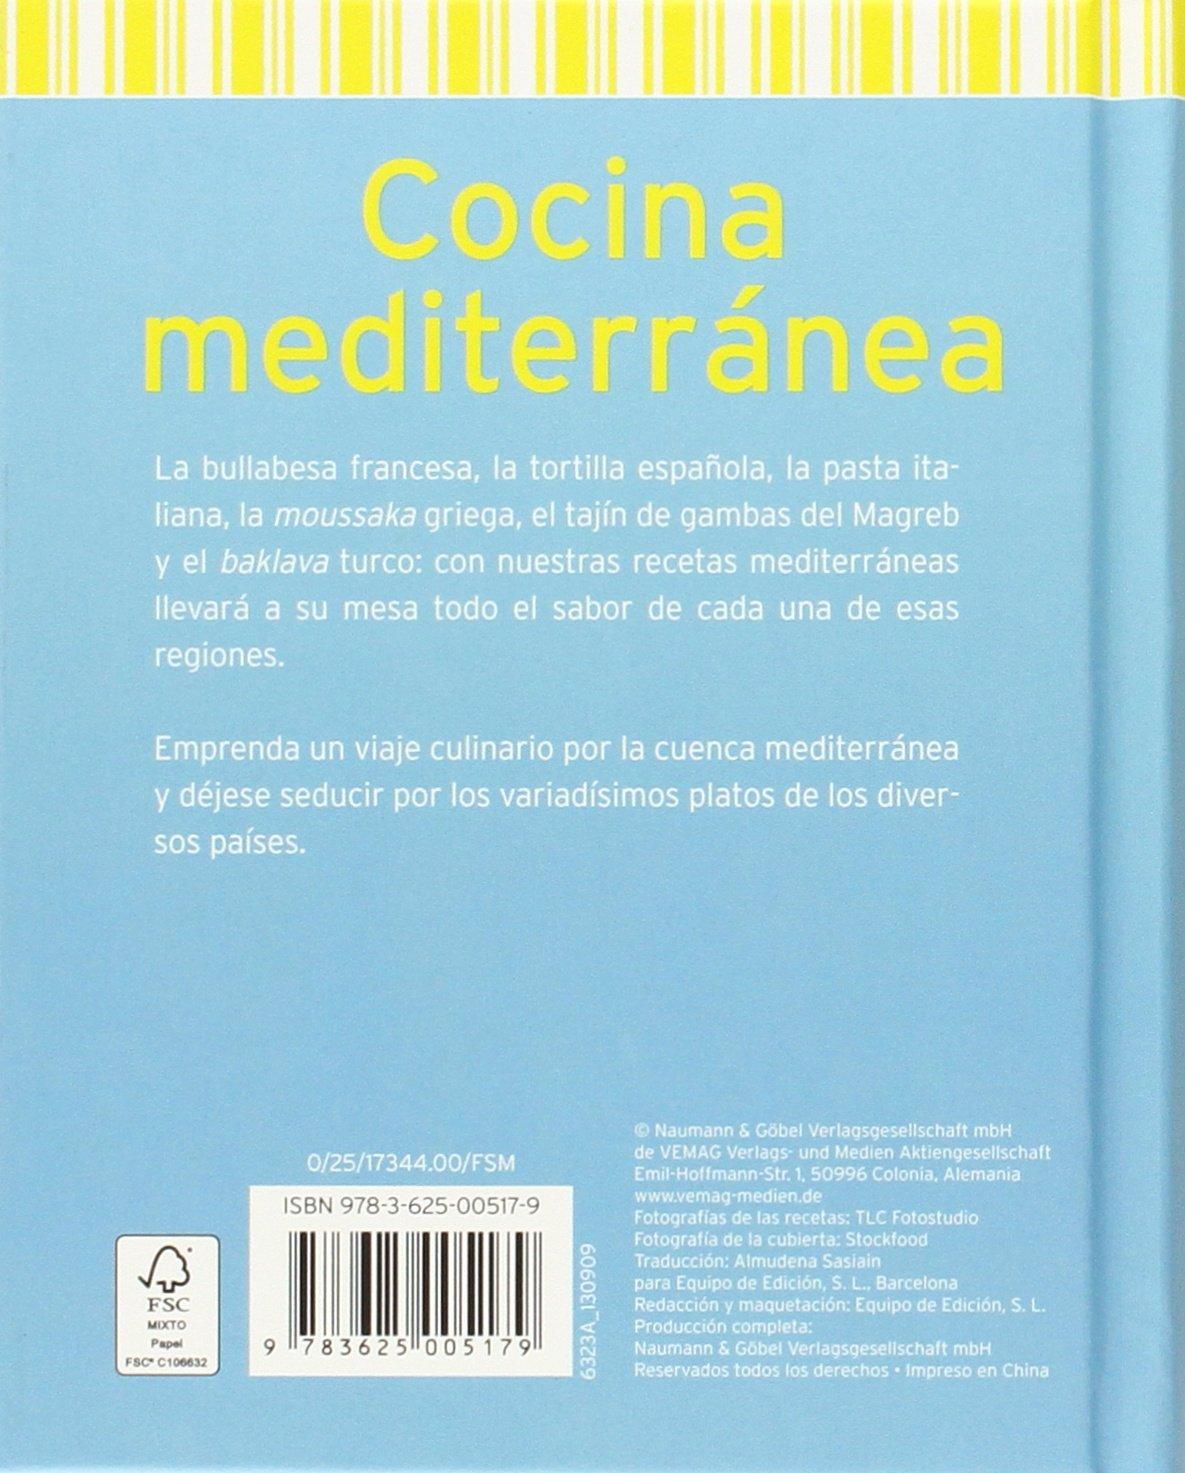 Cocina Mediterránea (Minilibros de cocina): Amazon.es: Vv.Aa ...